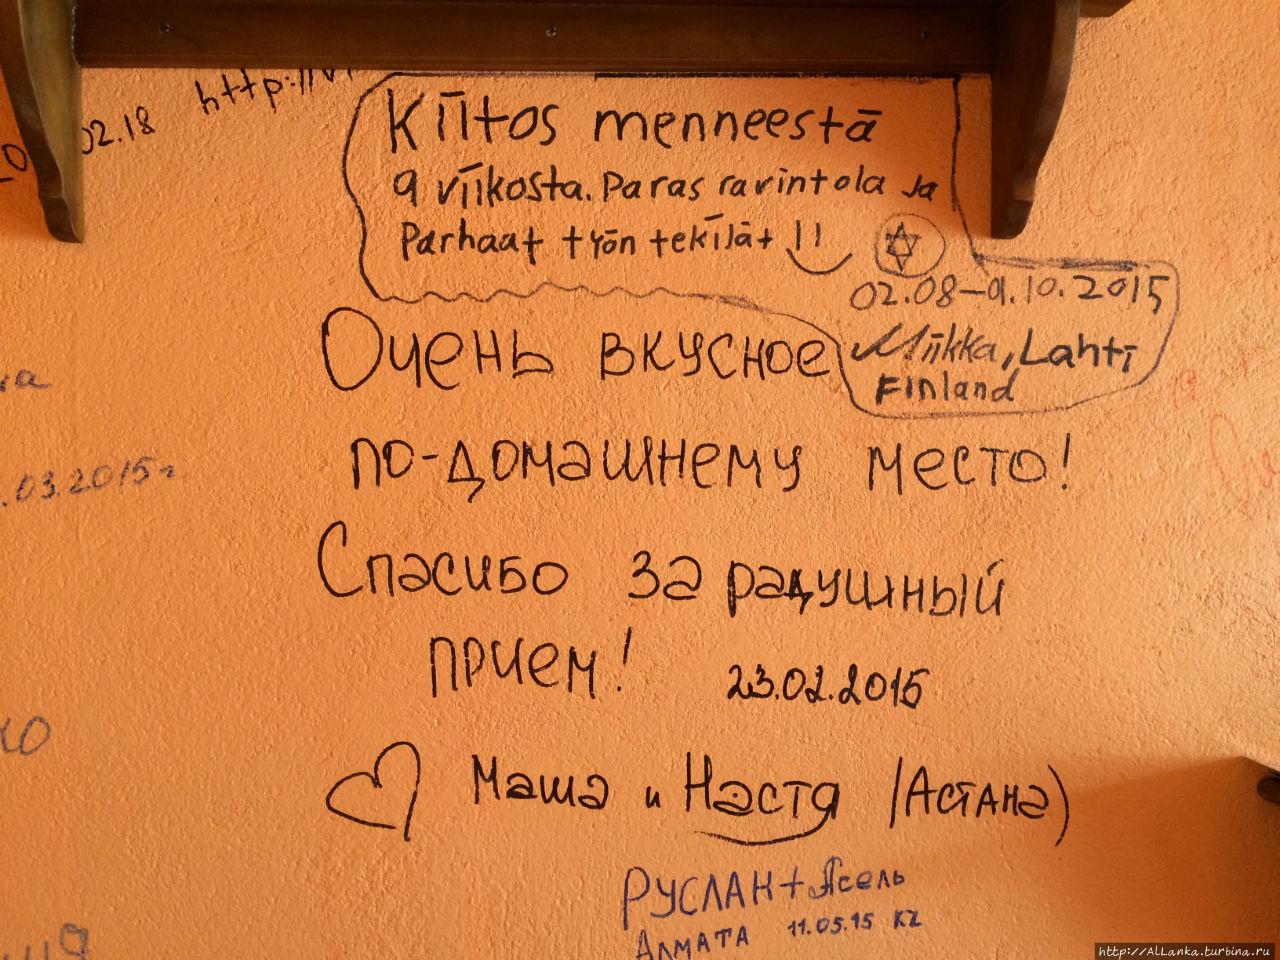 Отзывы оставляют прямо на стенах кафе